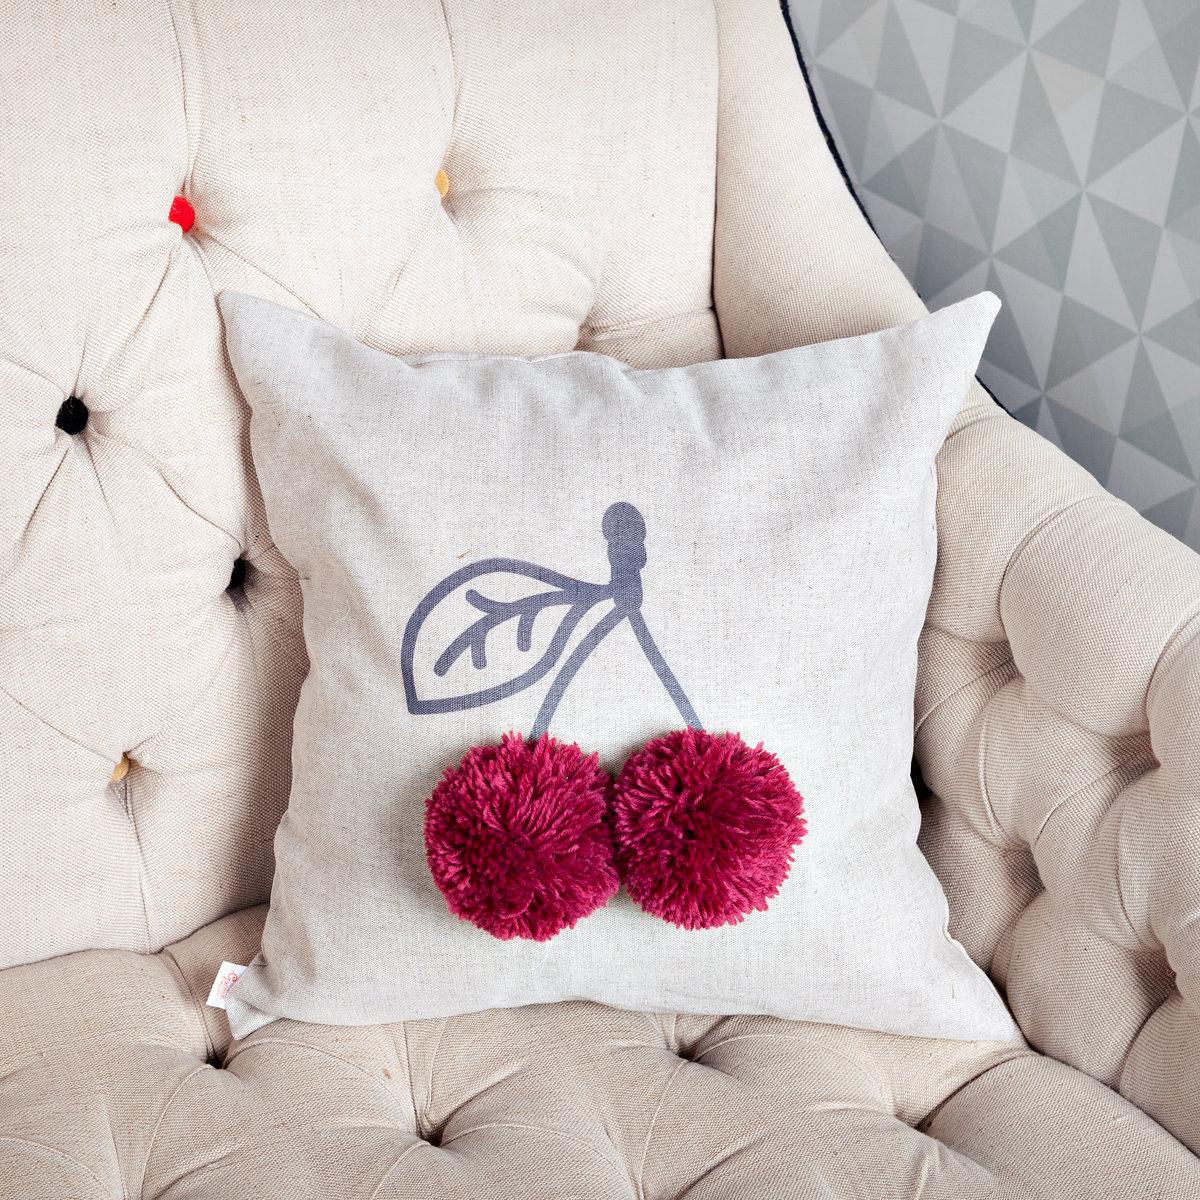 Как украсить подушку своими руками фото